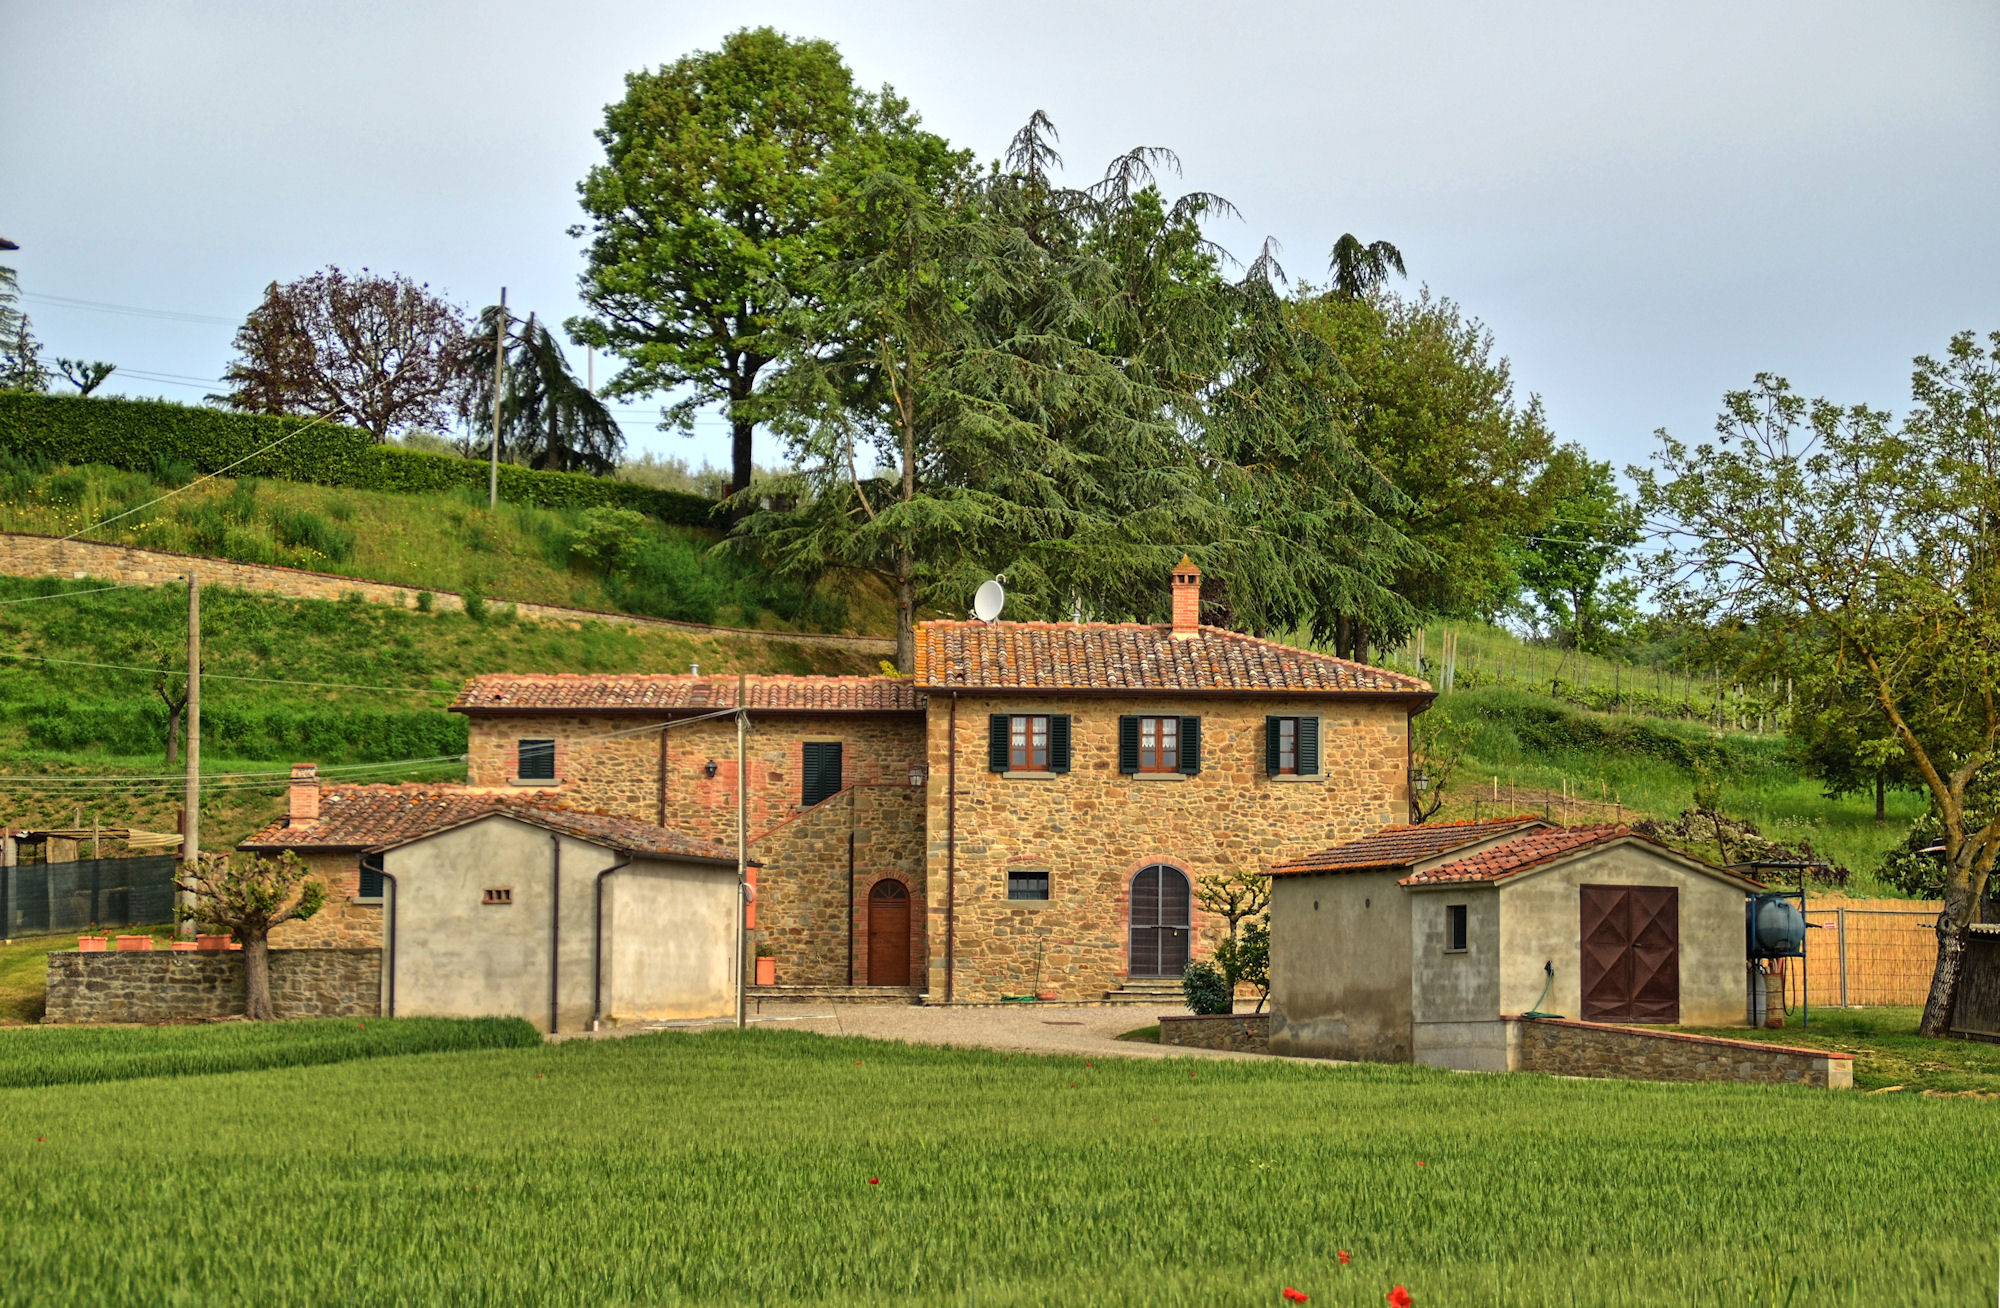 Vakantiehuis in Monte San Savino, in Toscane.